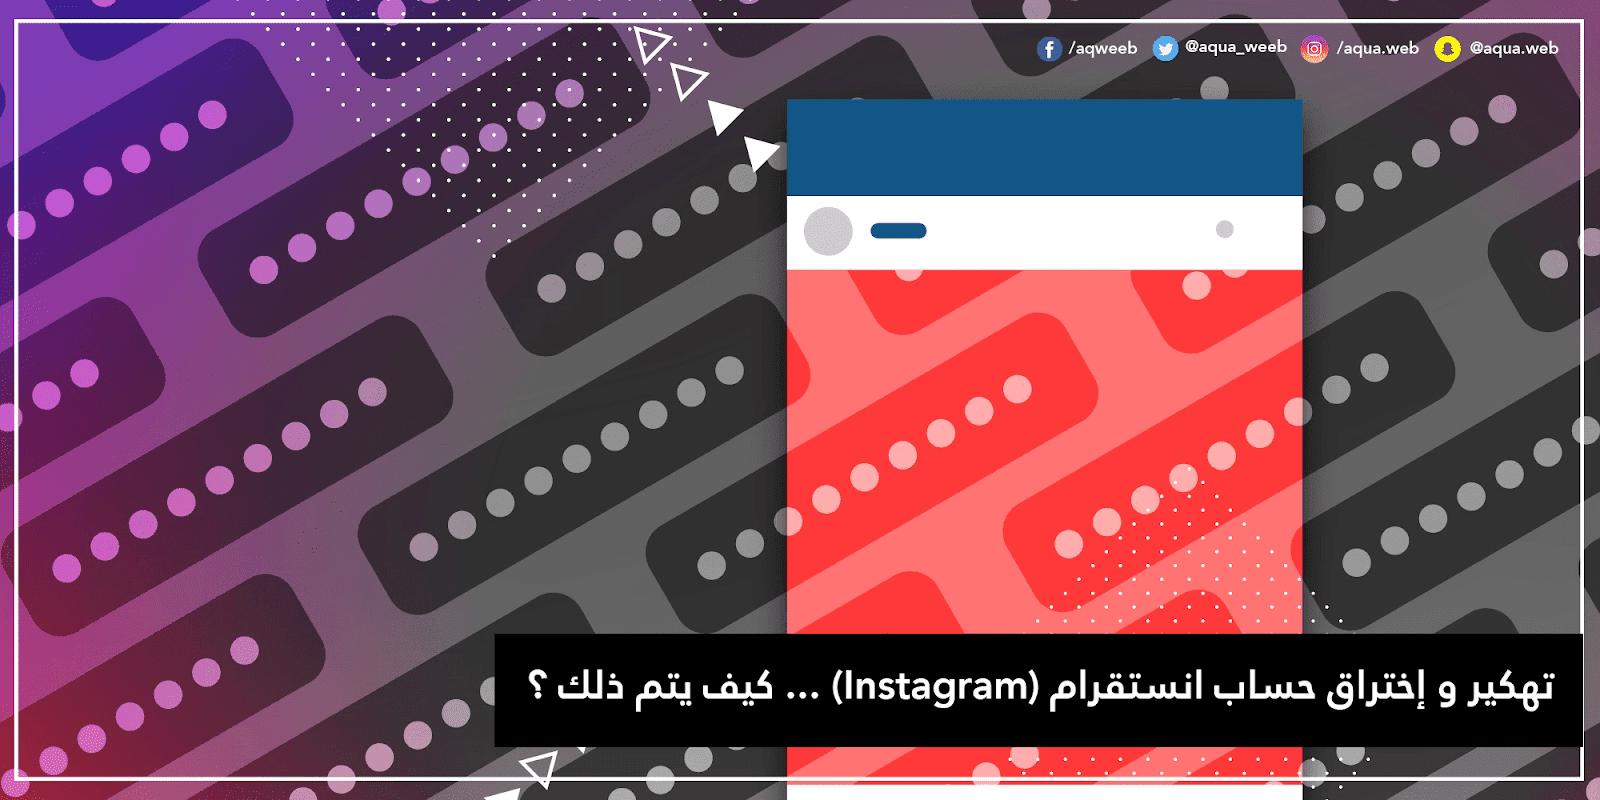 تهكير و إختراق حساب انستقرام (Instagram) ... كيف يتم ذلك ؟